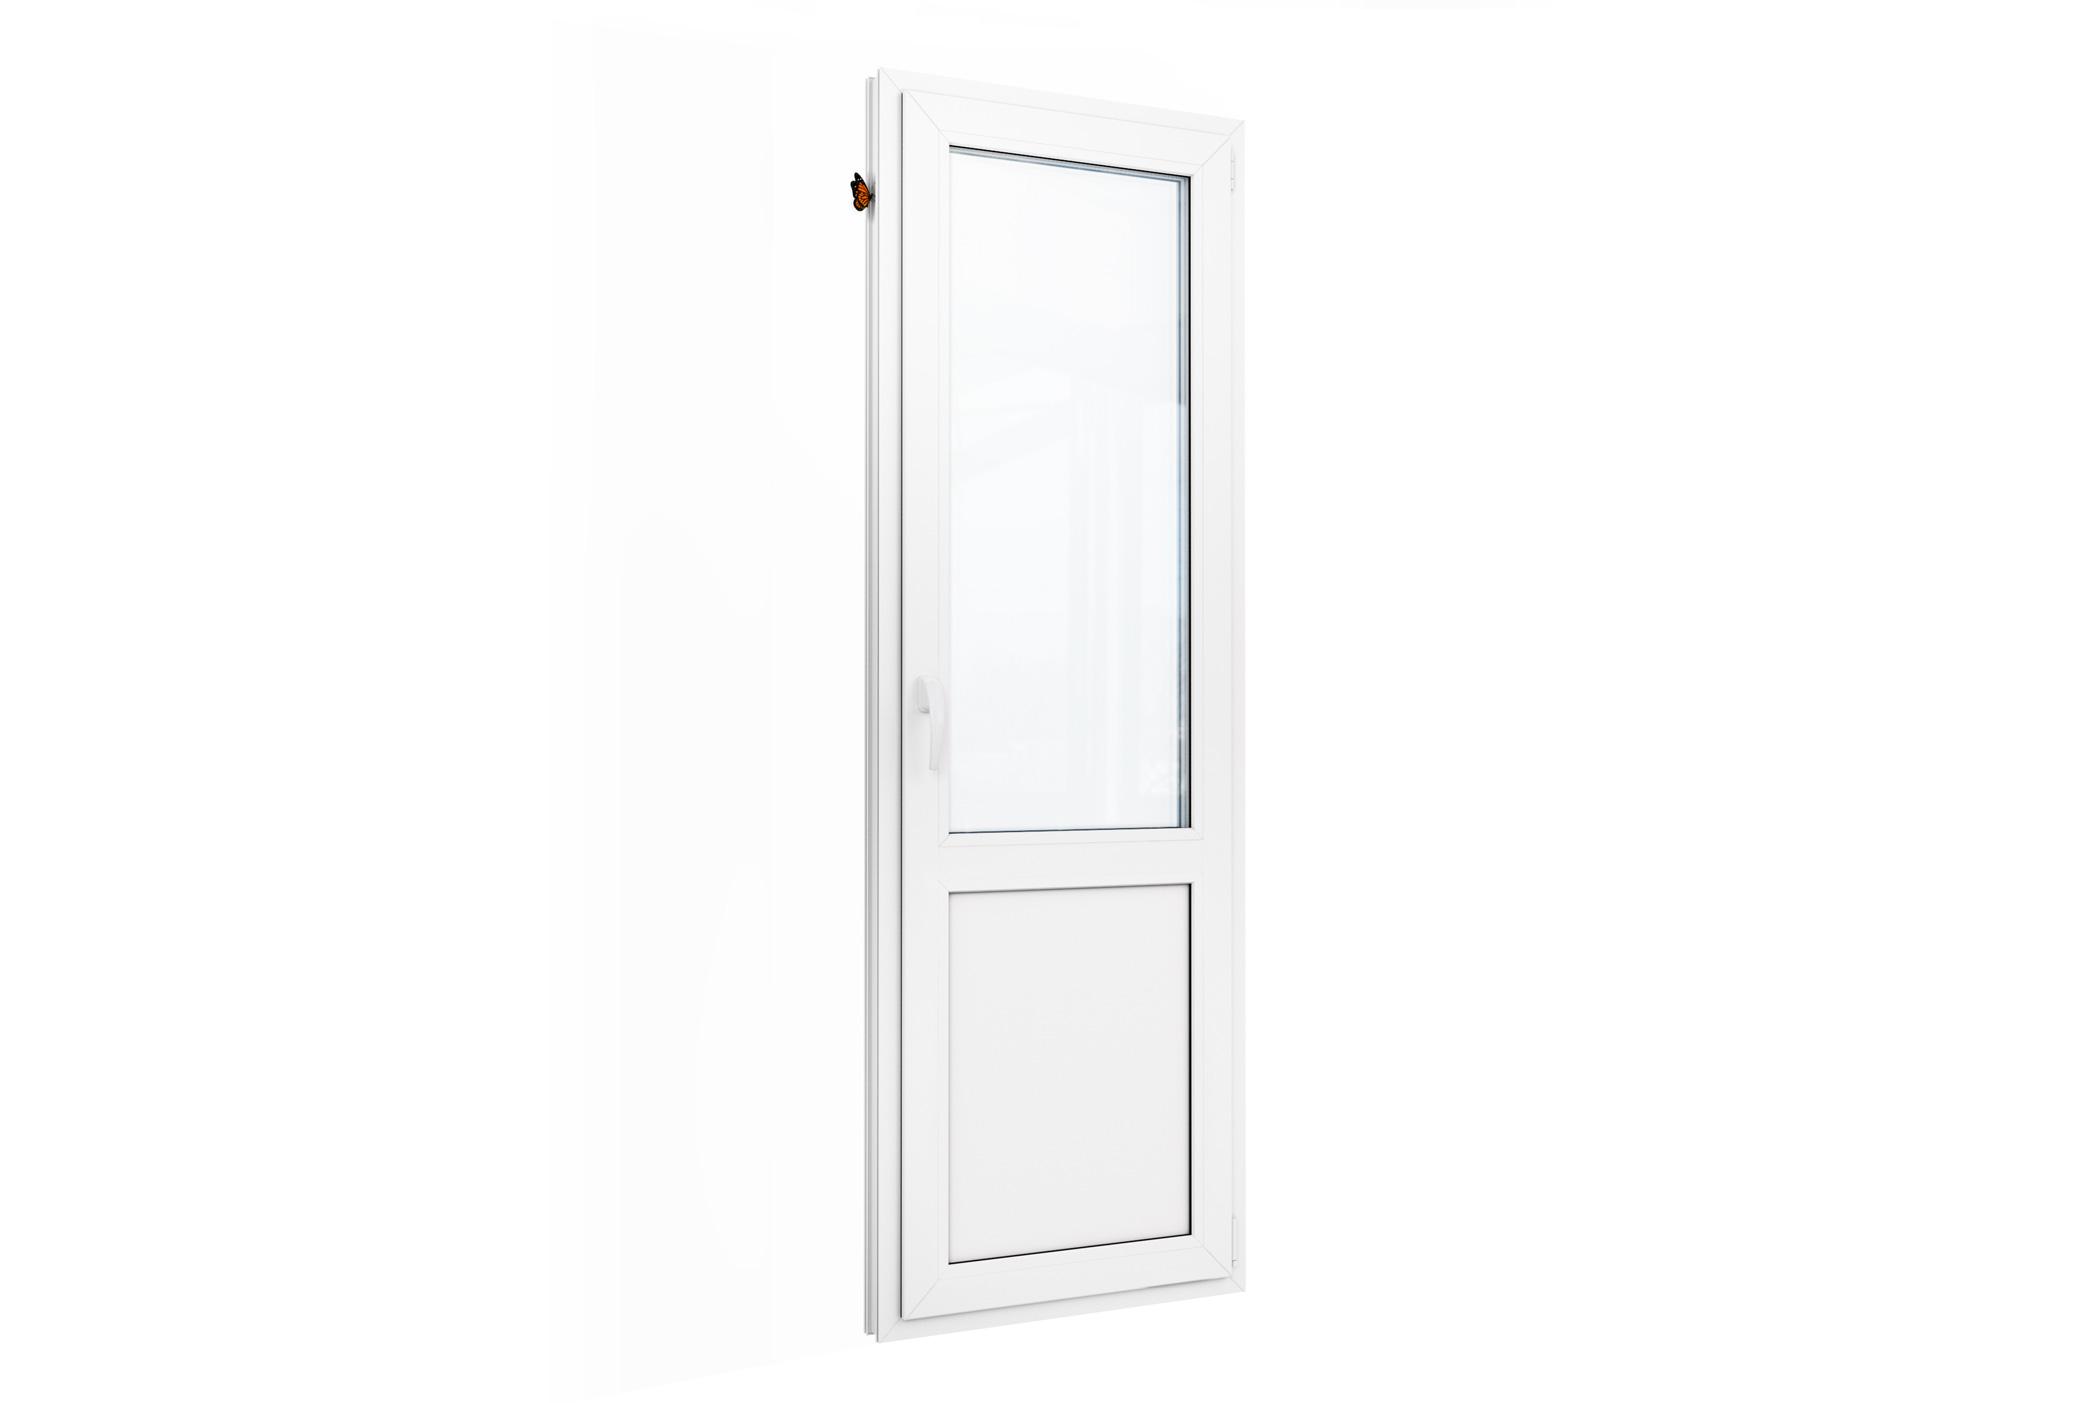 Пластиковая балконная дверь шонберг, размер: 2180-700.